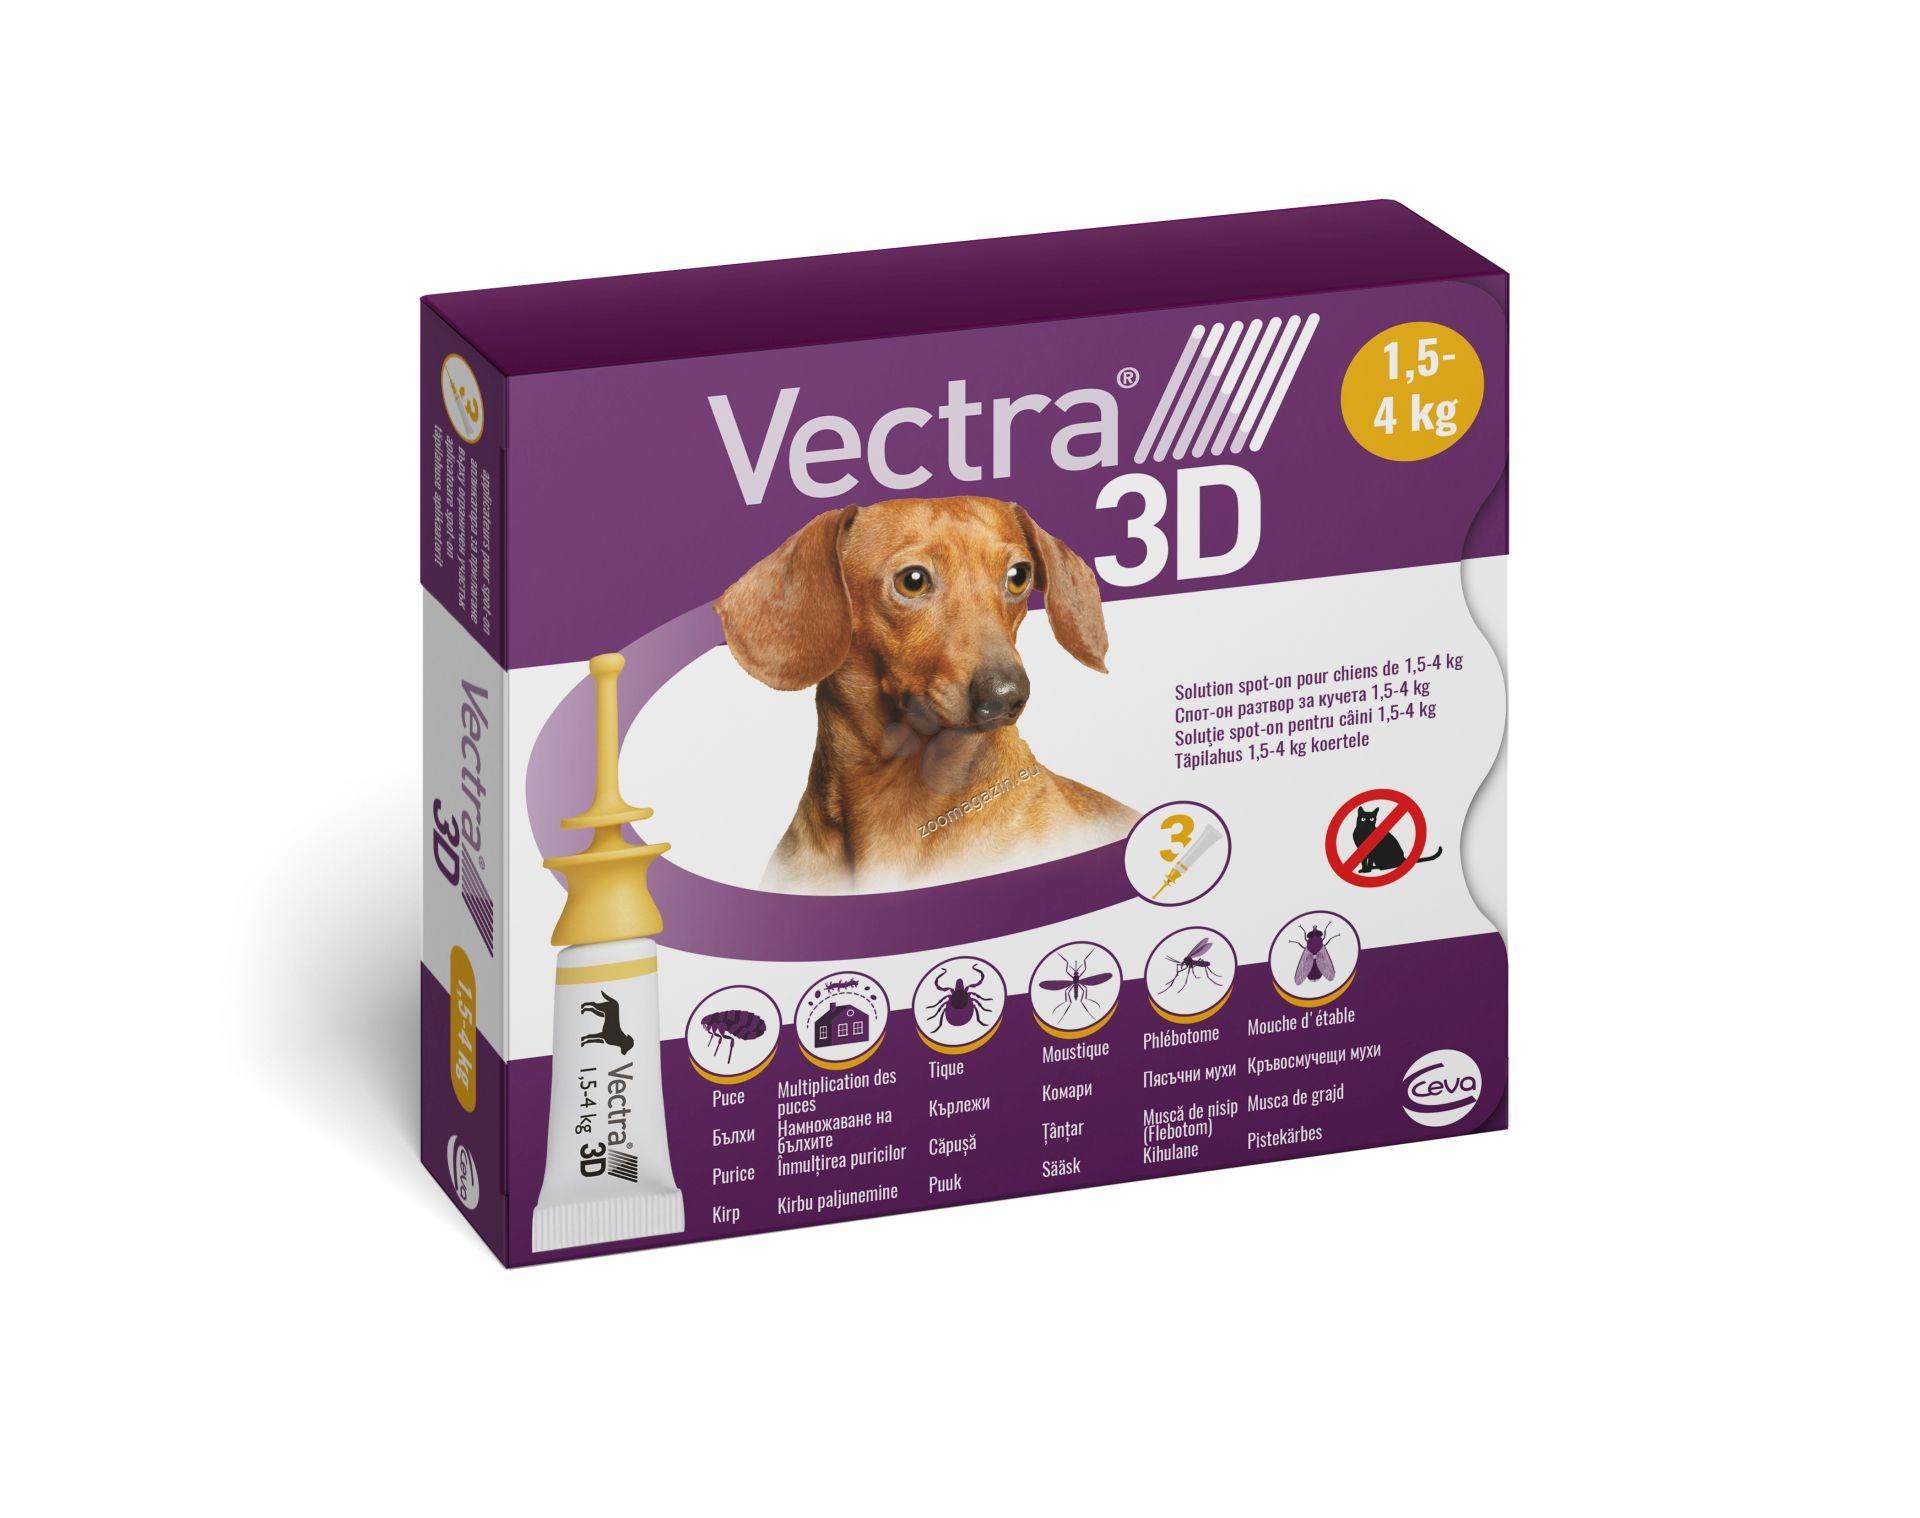 Ceva Vectra 3d - спот он форма против бълхи, кърлежи, мухи, комари, за кучета с тегло 1.5 - 4 кг. / 3 броя пипети /